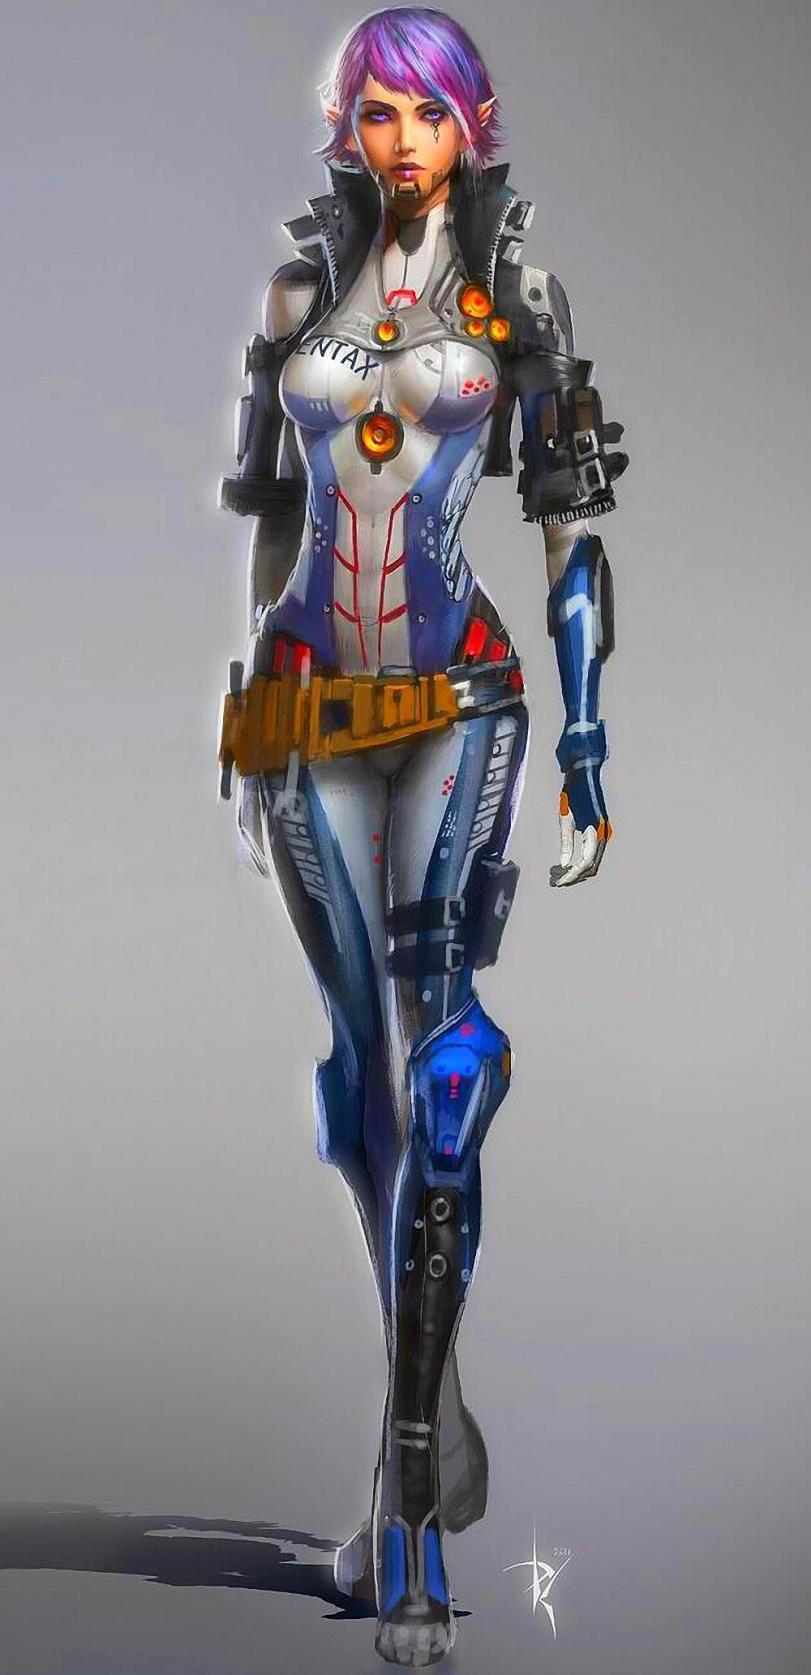 Красивые картинки Арт Sci-fi Cyberpunk Киберпанк Девушка